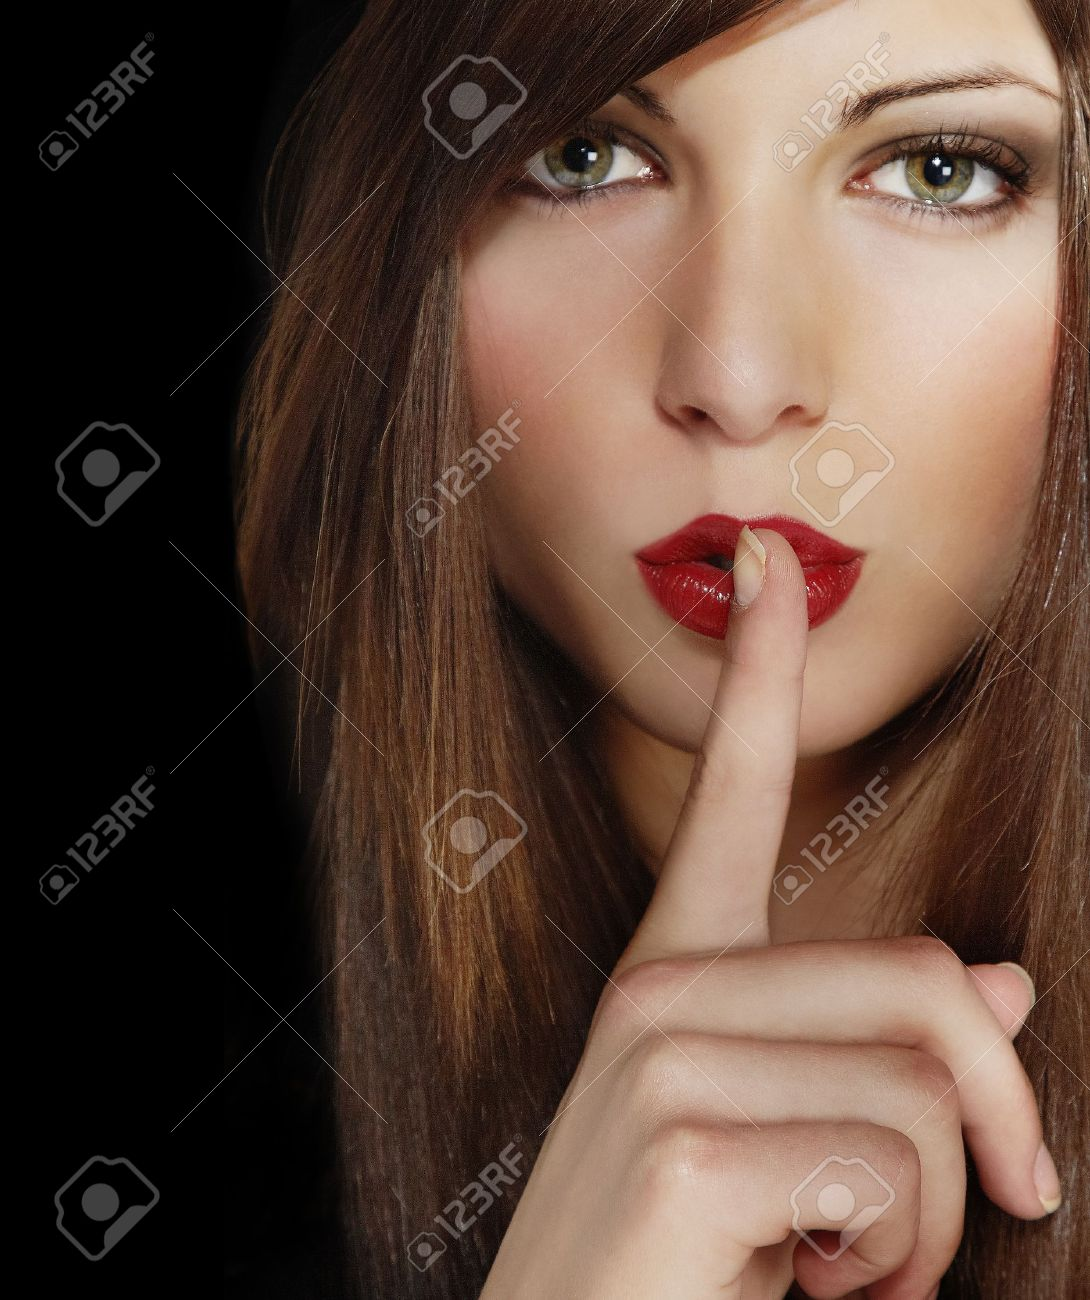 Фото красивых девушек с пальцем во рту 12 фотография